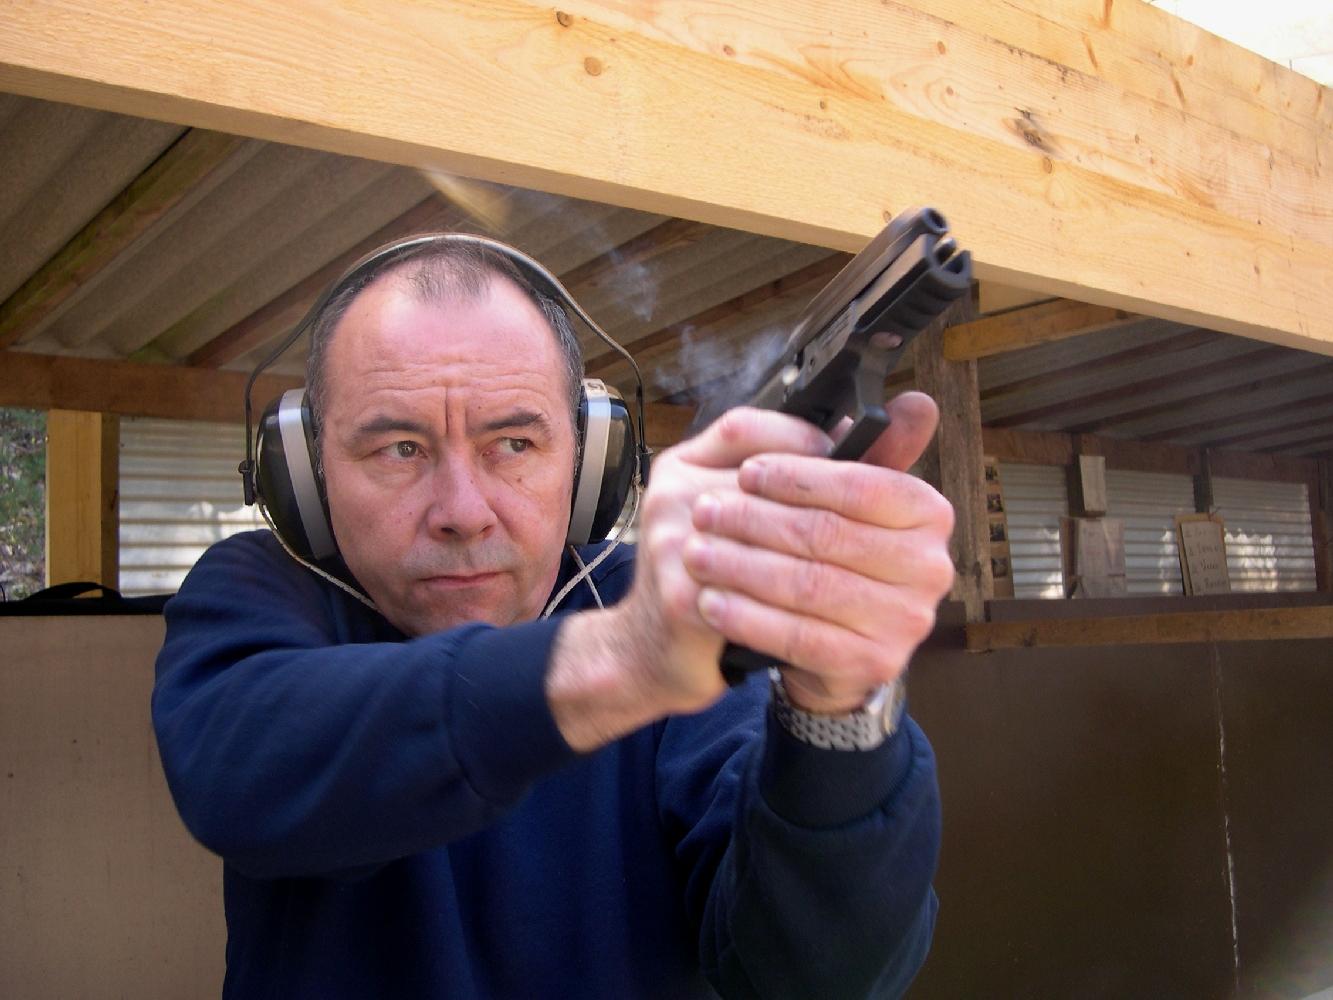 Les utilisateurs du SIG apprécieront tout particulièrement la douceur de la double action, dont la course très régulière permet d'effectuer un tir de précision en amenant lentement le chien au cran d'armé comme s'il s'agissait d'un revolver.